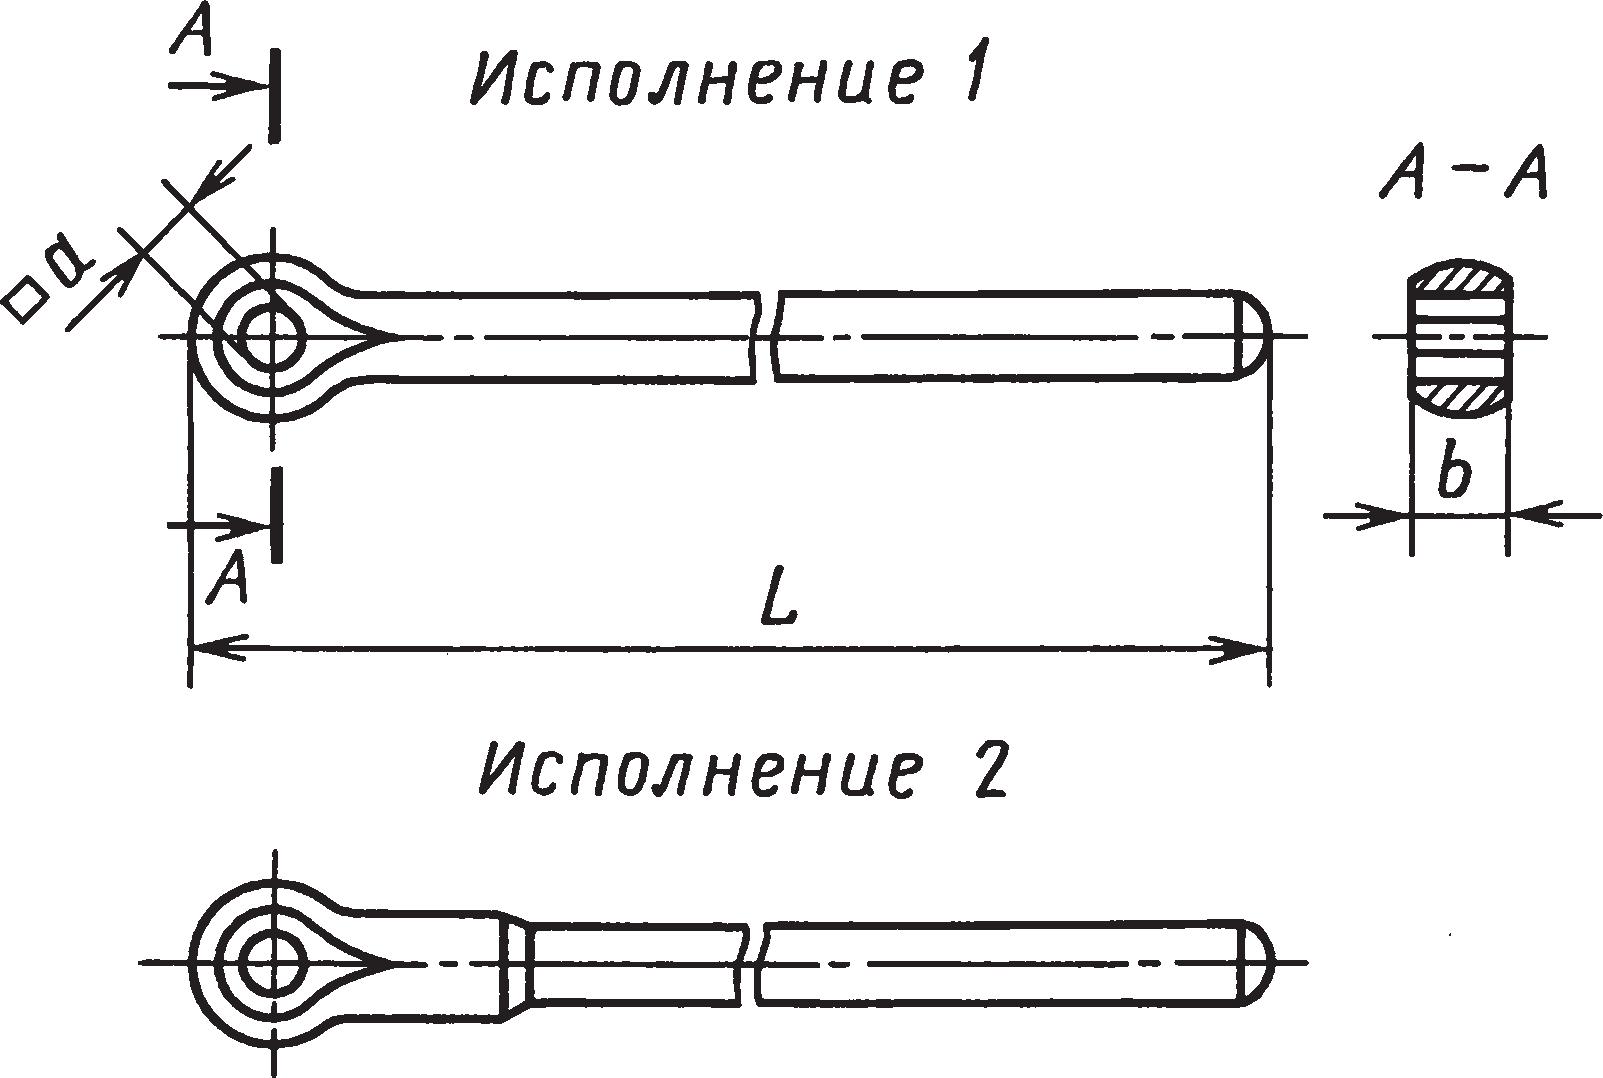 Одногнездные воротки для инструмента с квадратными хвостовиками (ГОСТ 22398–77)